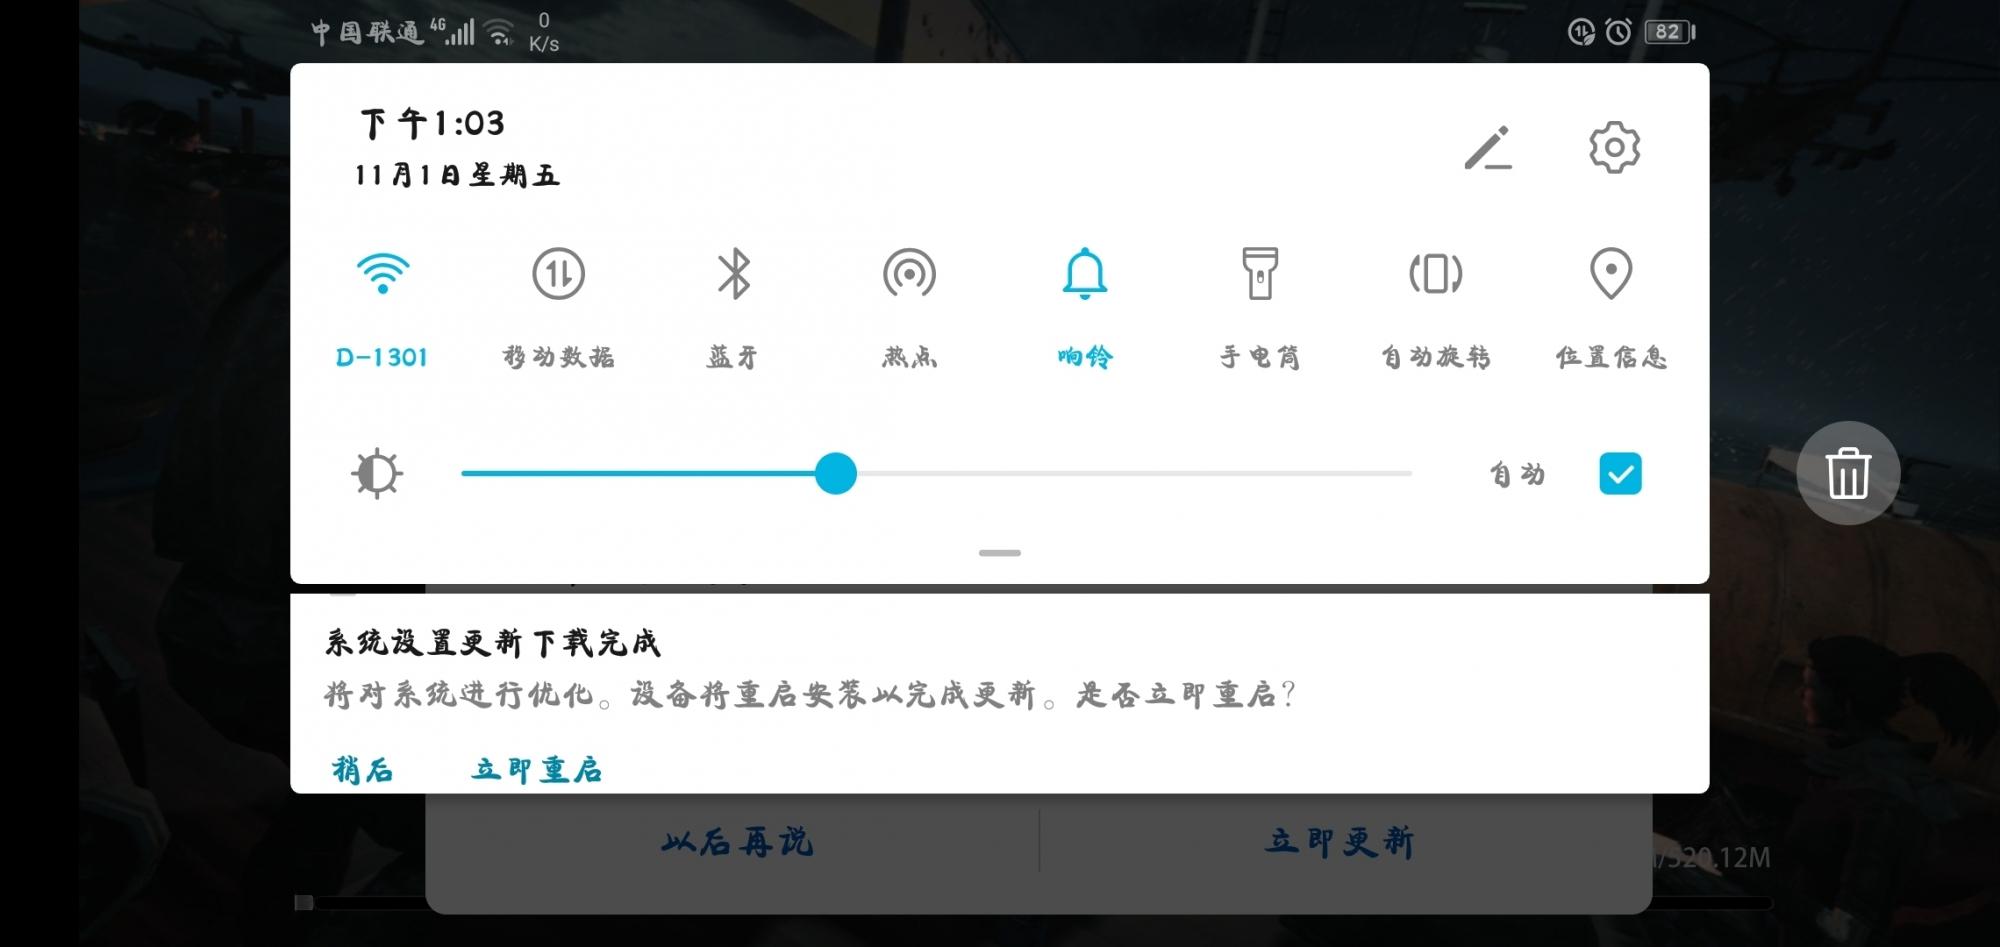 屄���9i&��9il�.�_screenshot_20191101_130317_com.yingxiong.hero.huawei.jpg